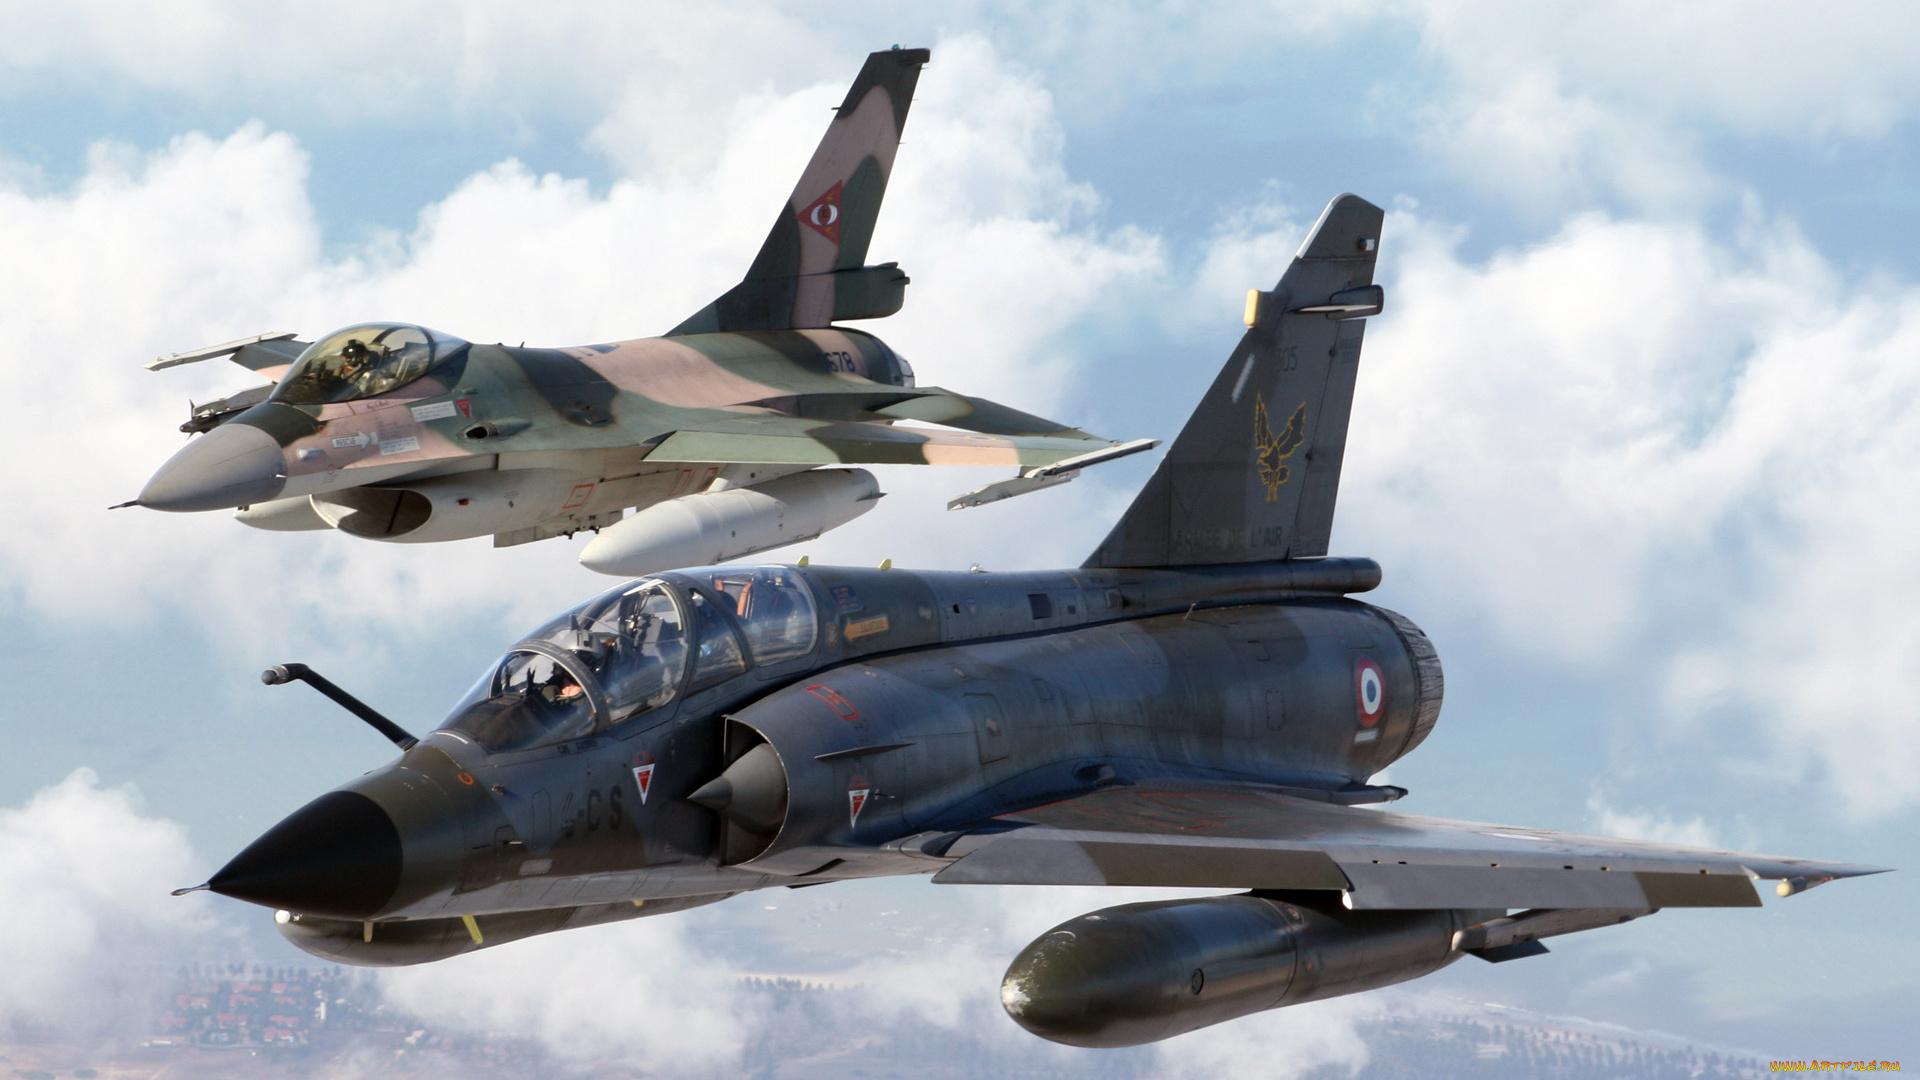 авиация самолет желтый F-16 Fighting Falcon загрузить